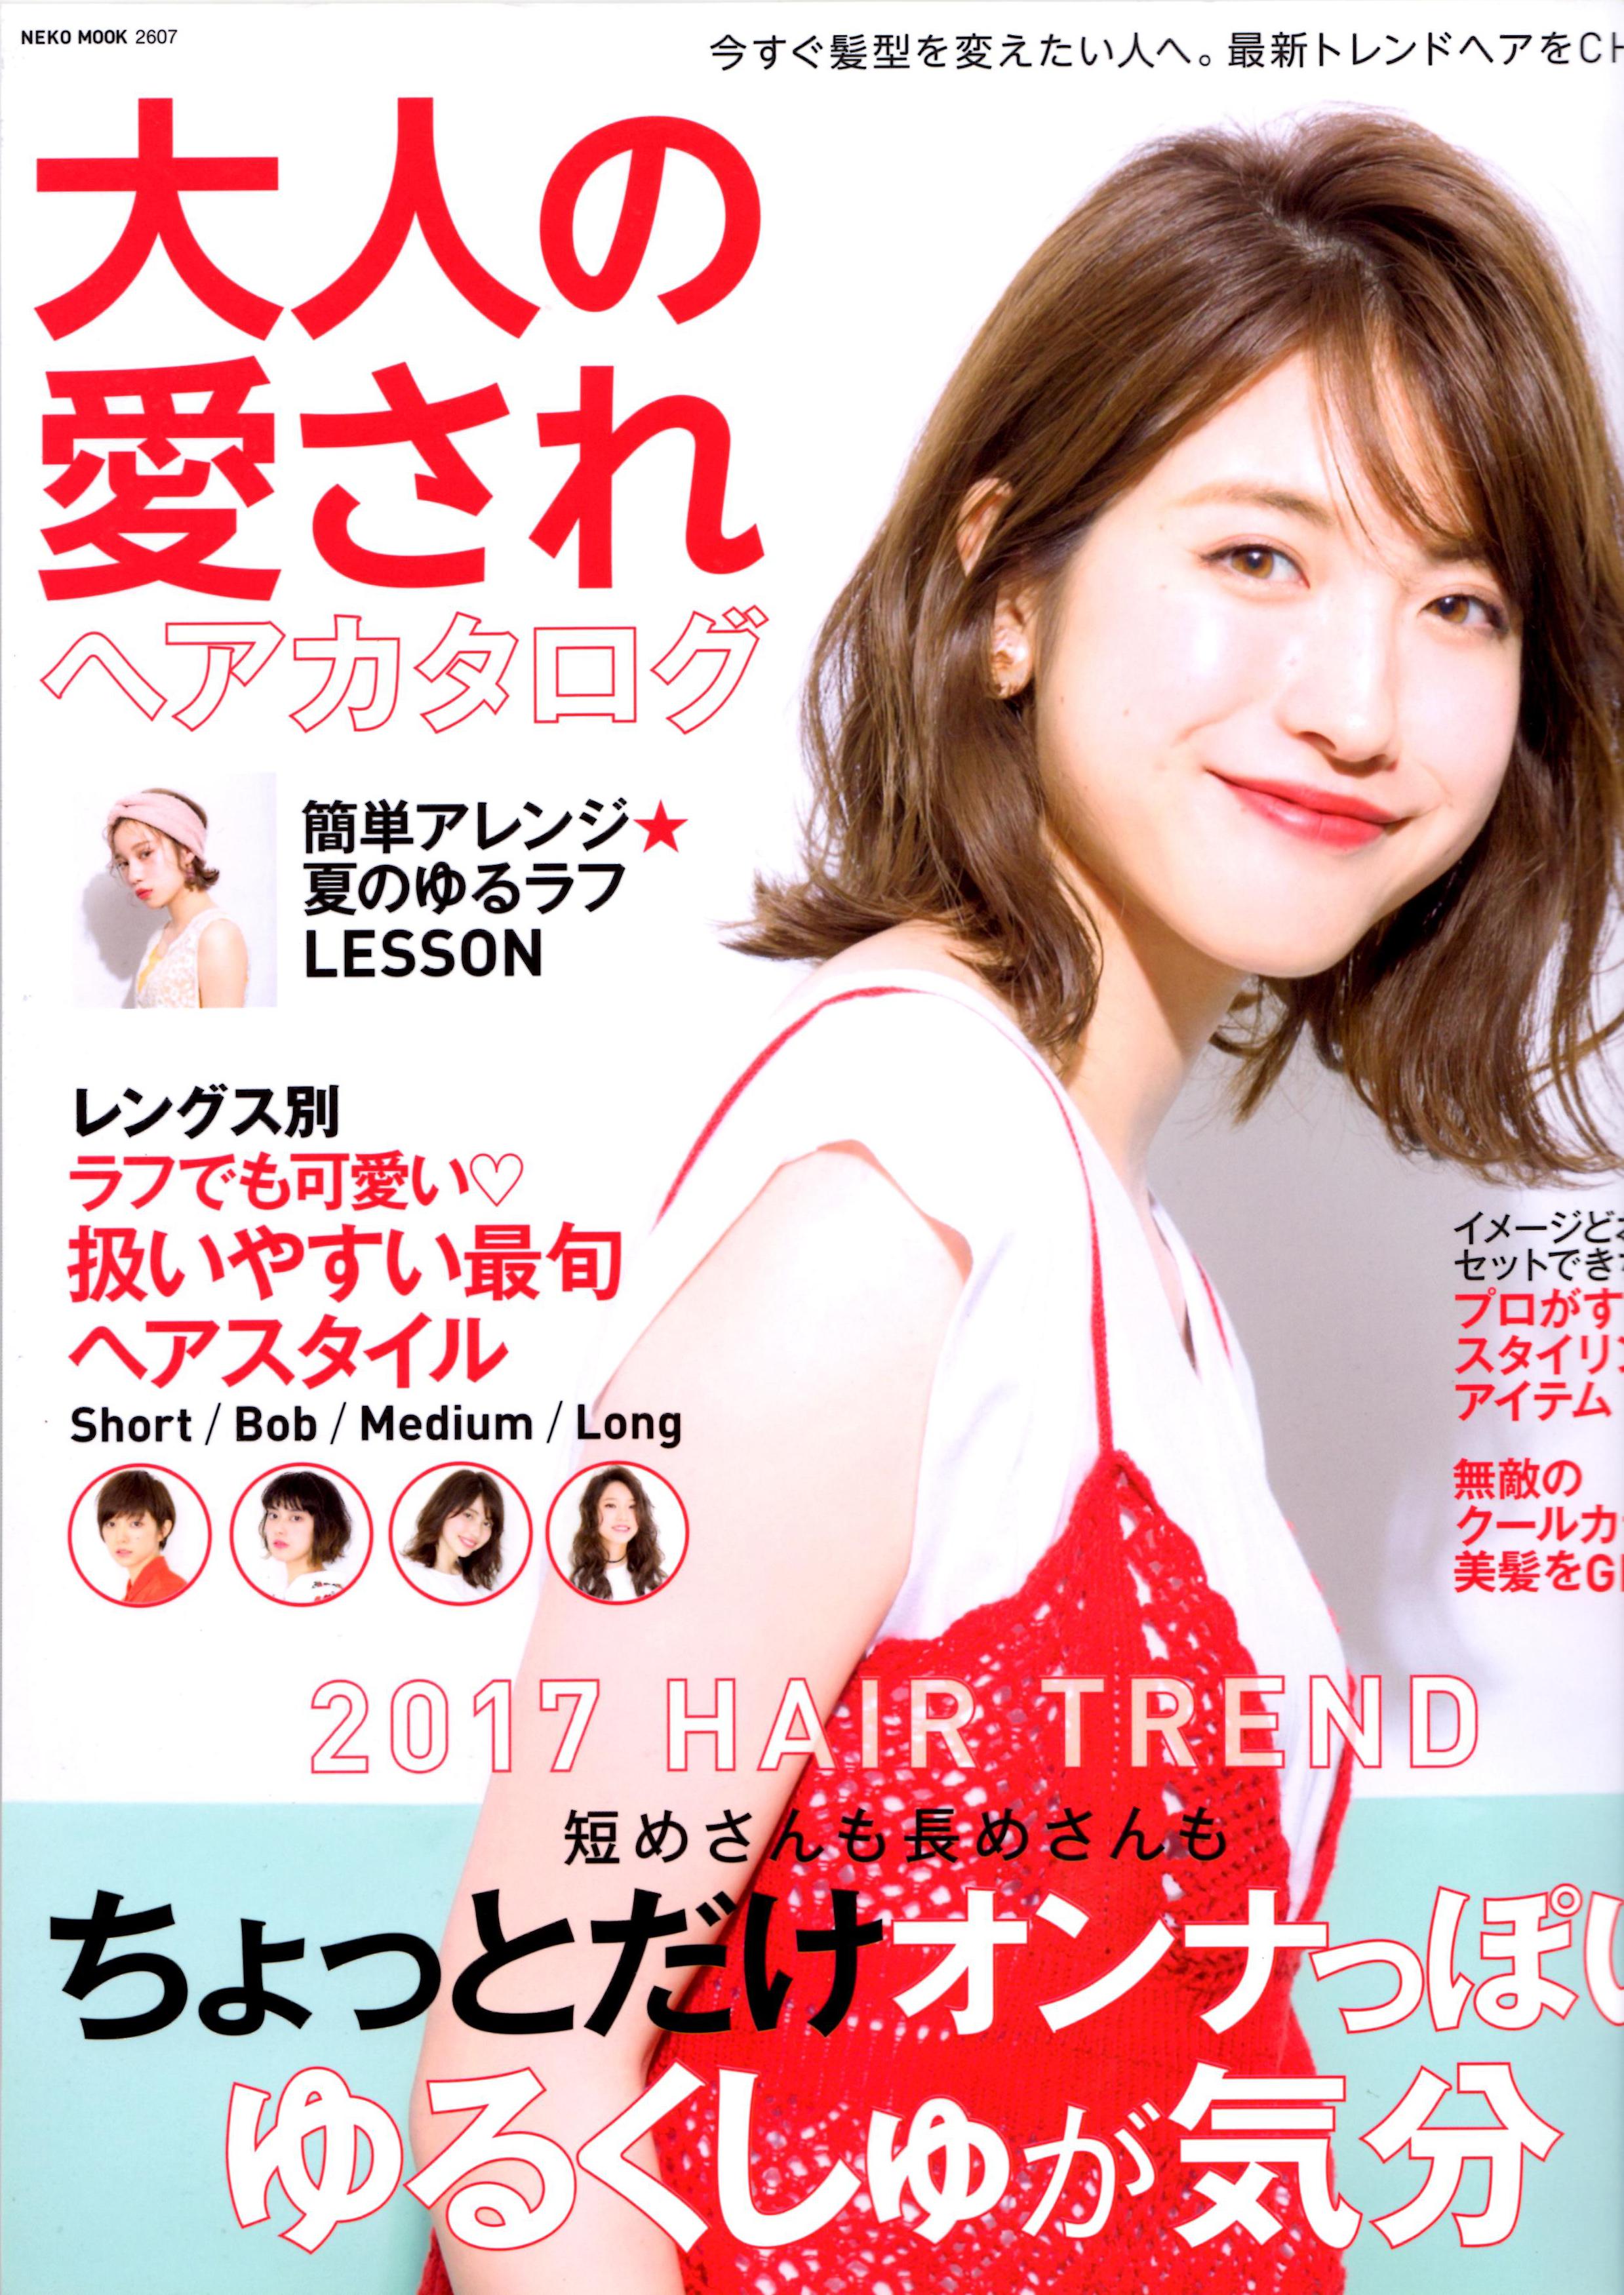 大人の愛されヘア vol.24に本庄店 飯田琴美のスタイルが掲載されました